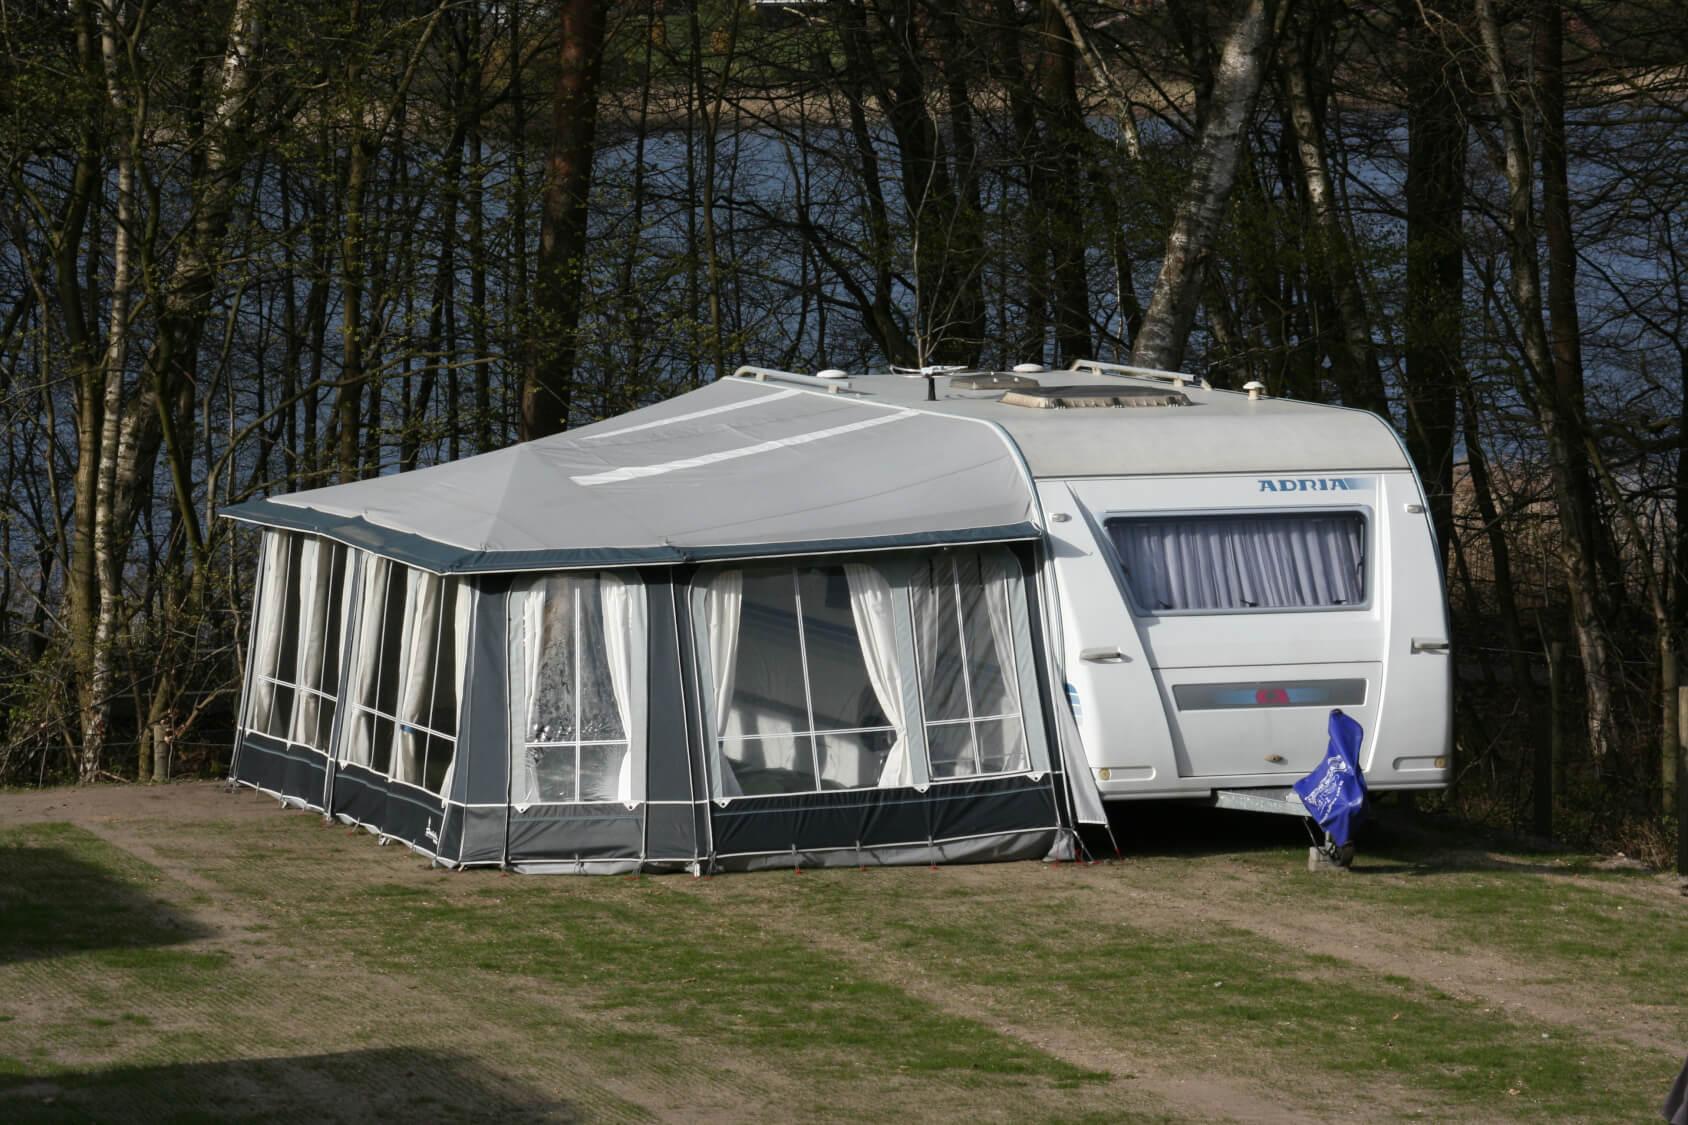 37 m2 ADRIA 613 - CAMPINGVOGN<br>FØR: 1600.- NU: 1399.-